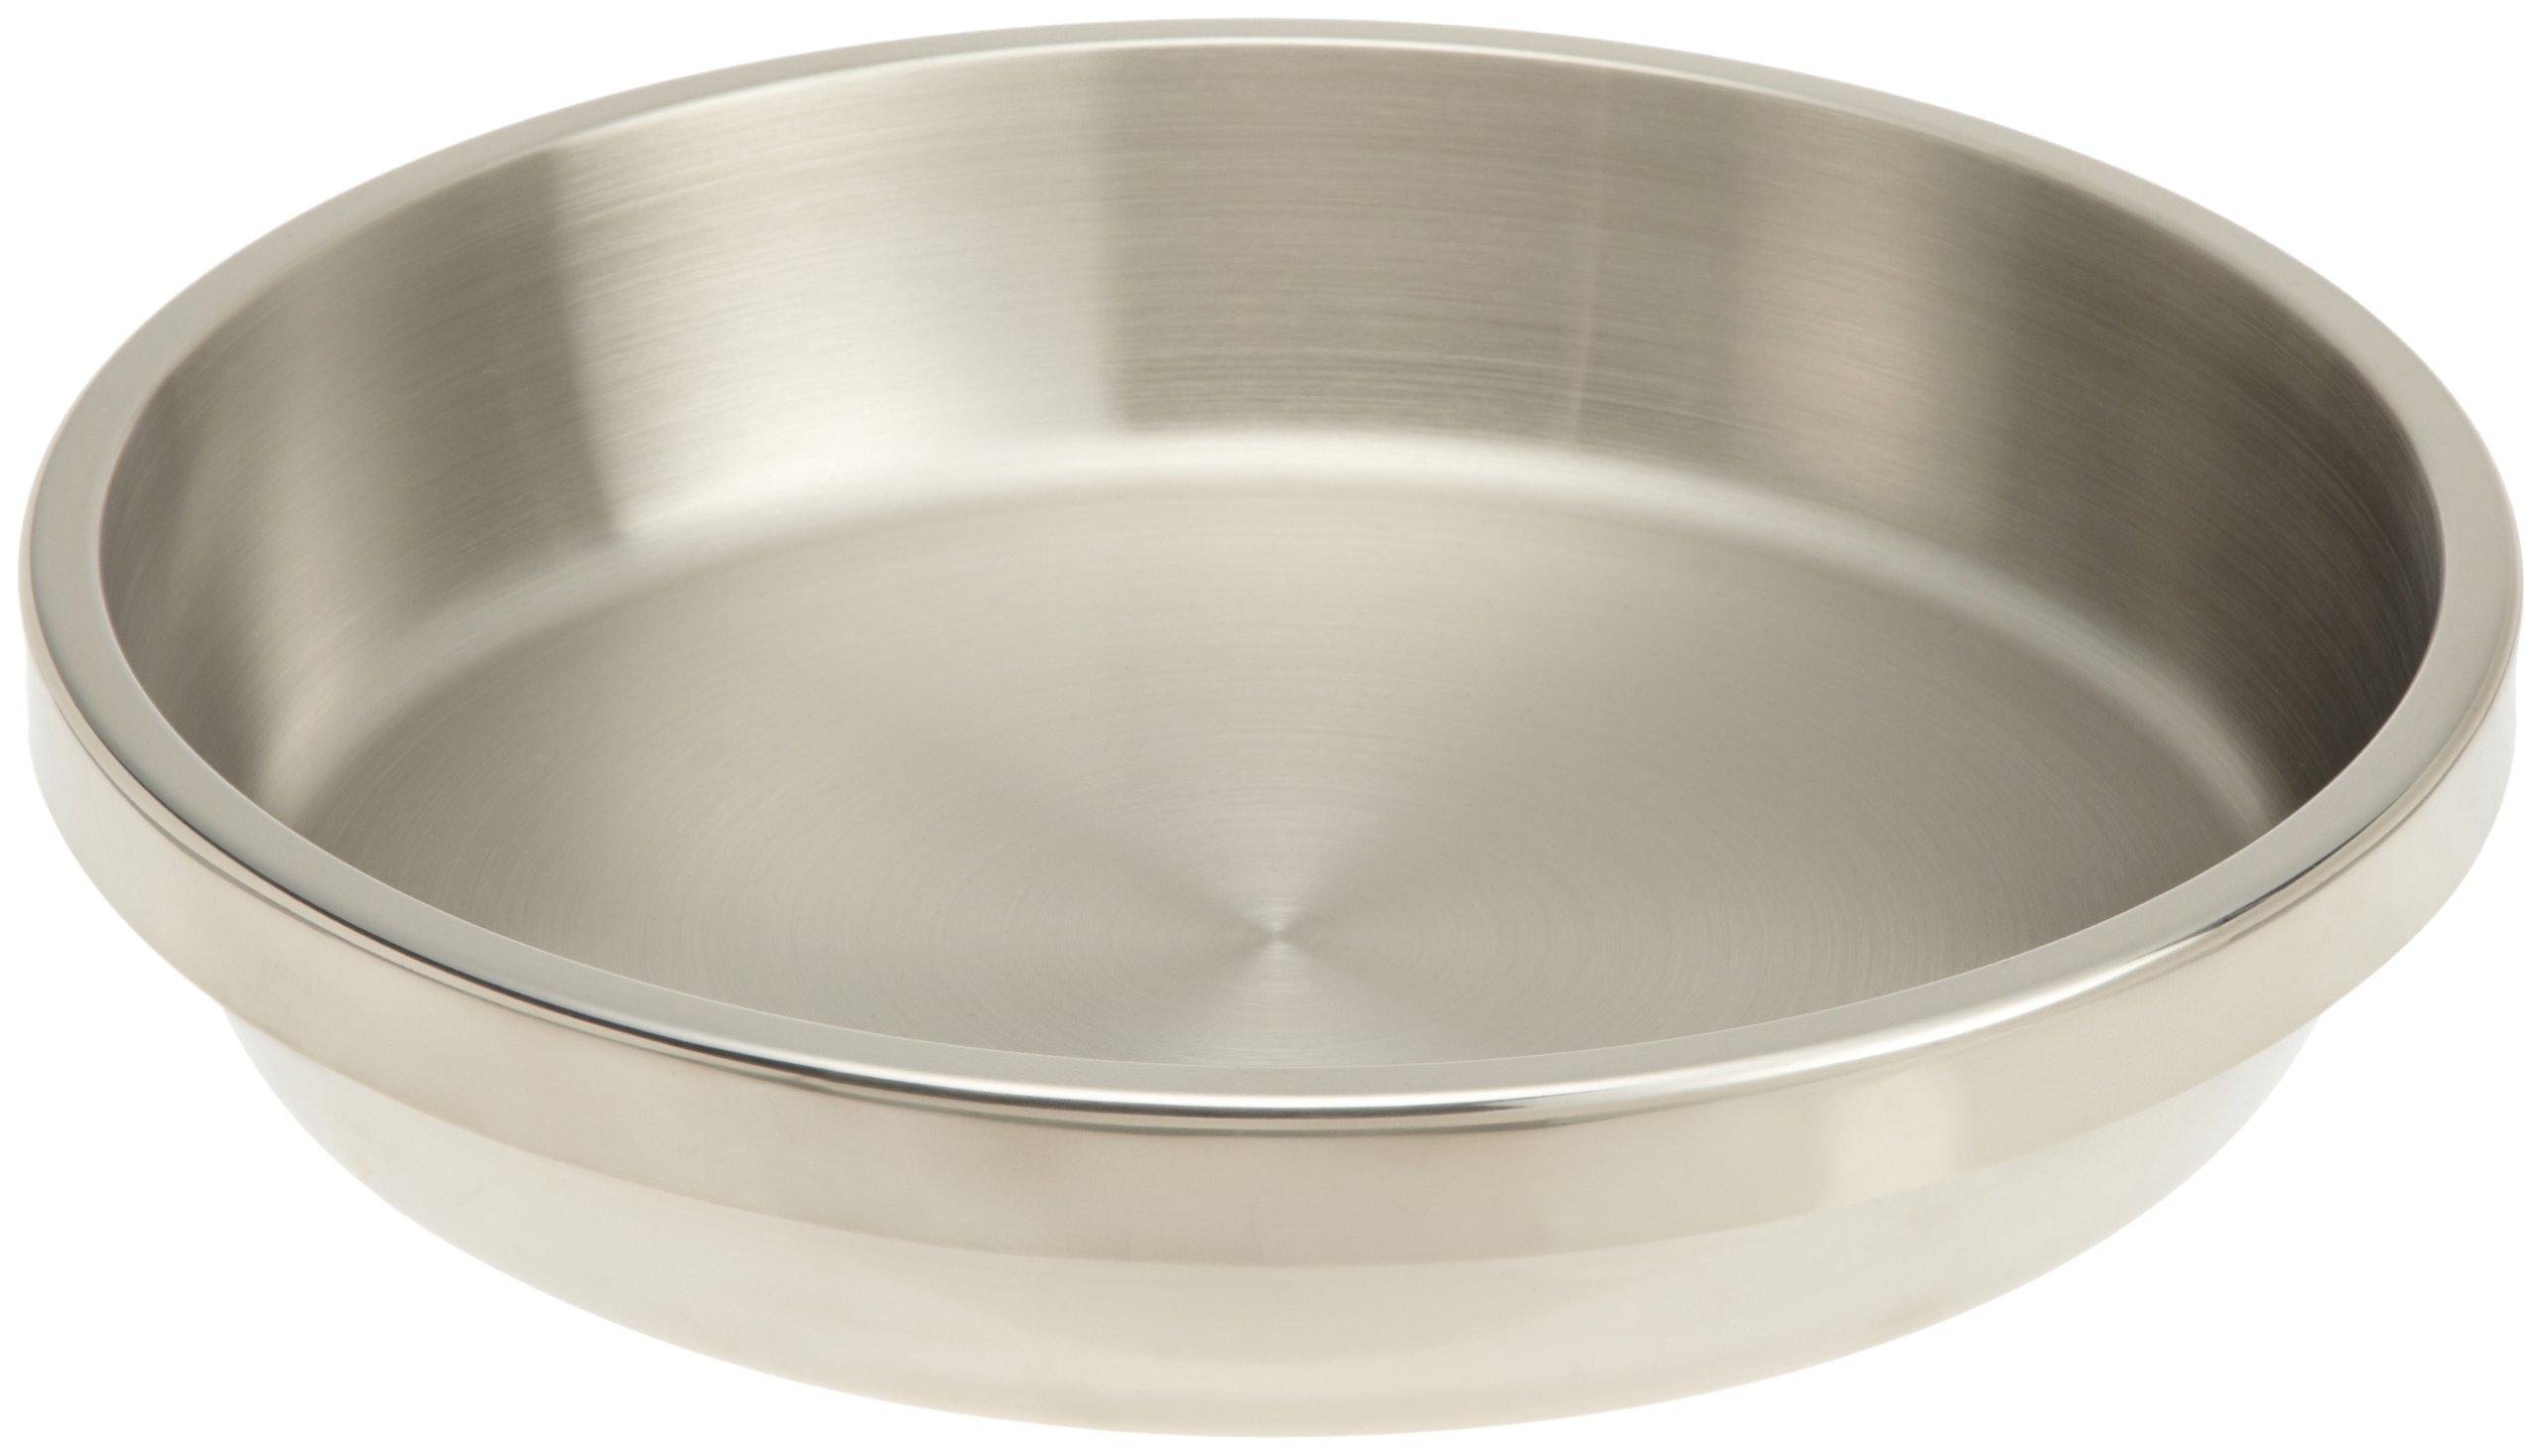 Browne (575171-2) Round Chafer Water Pan